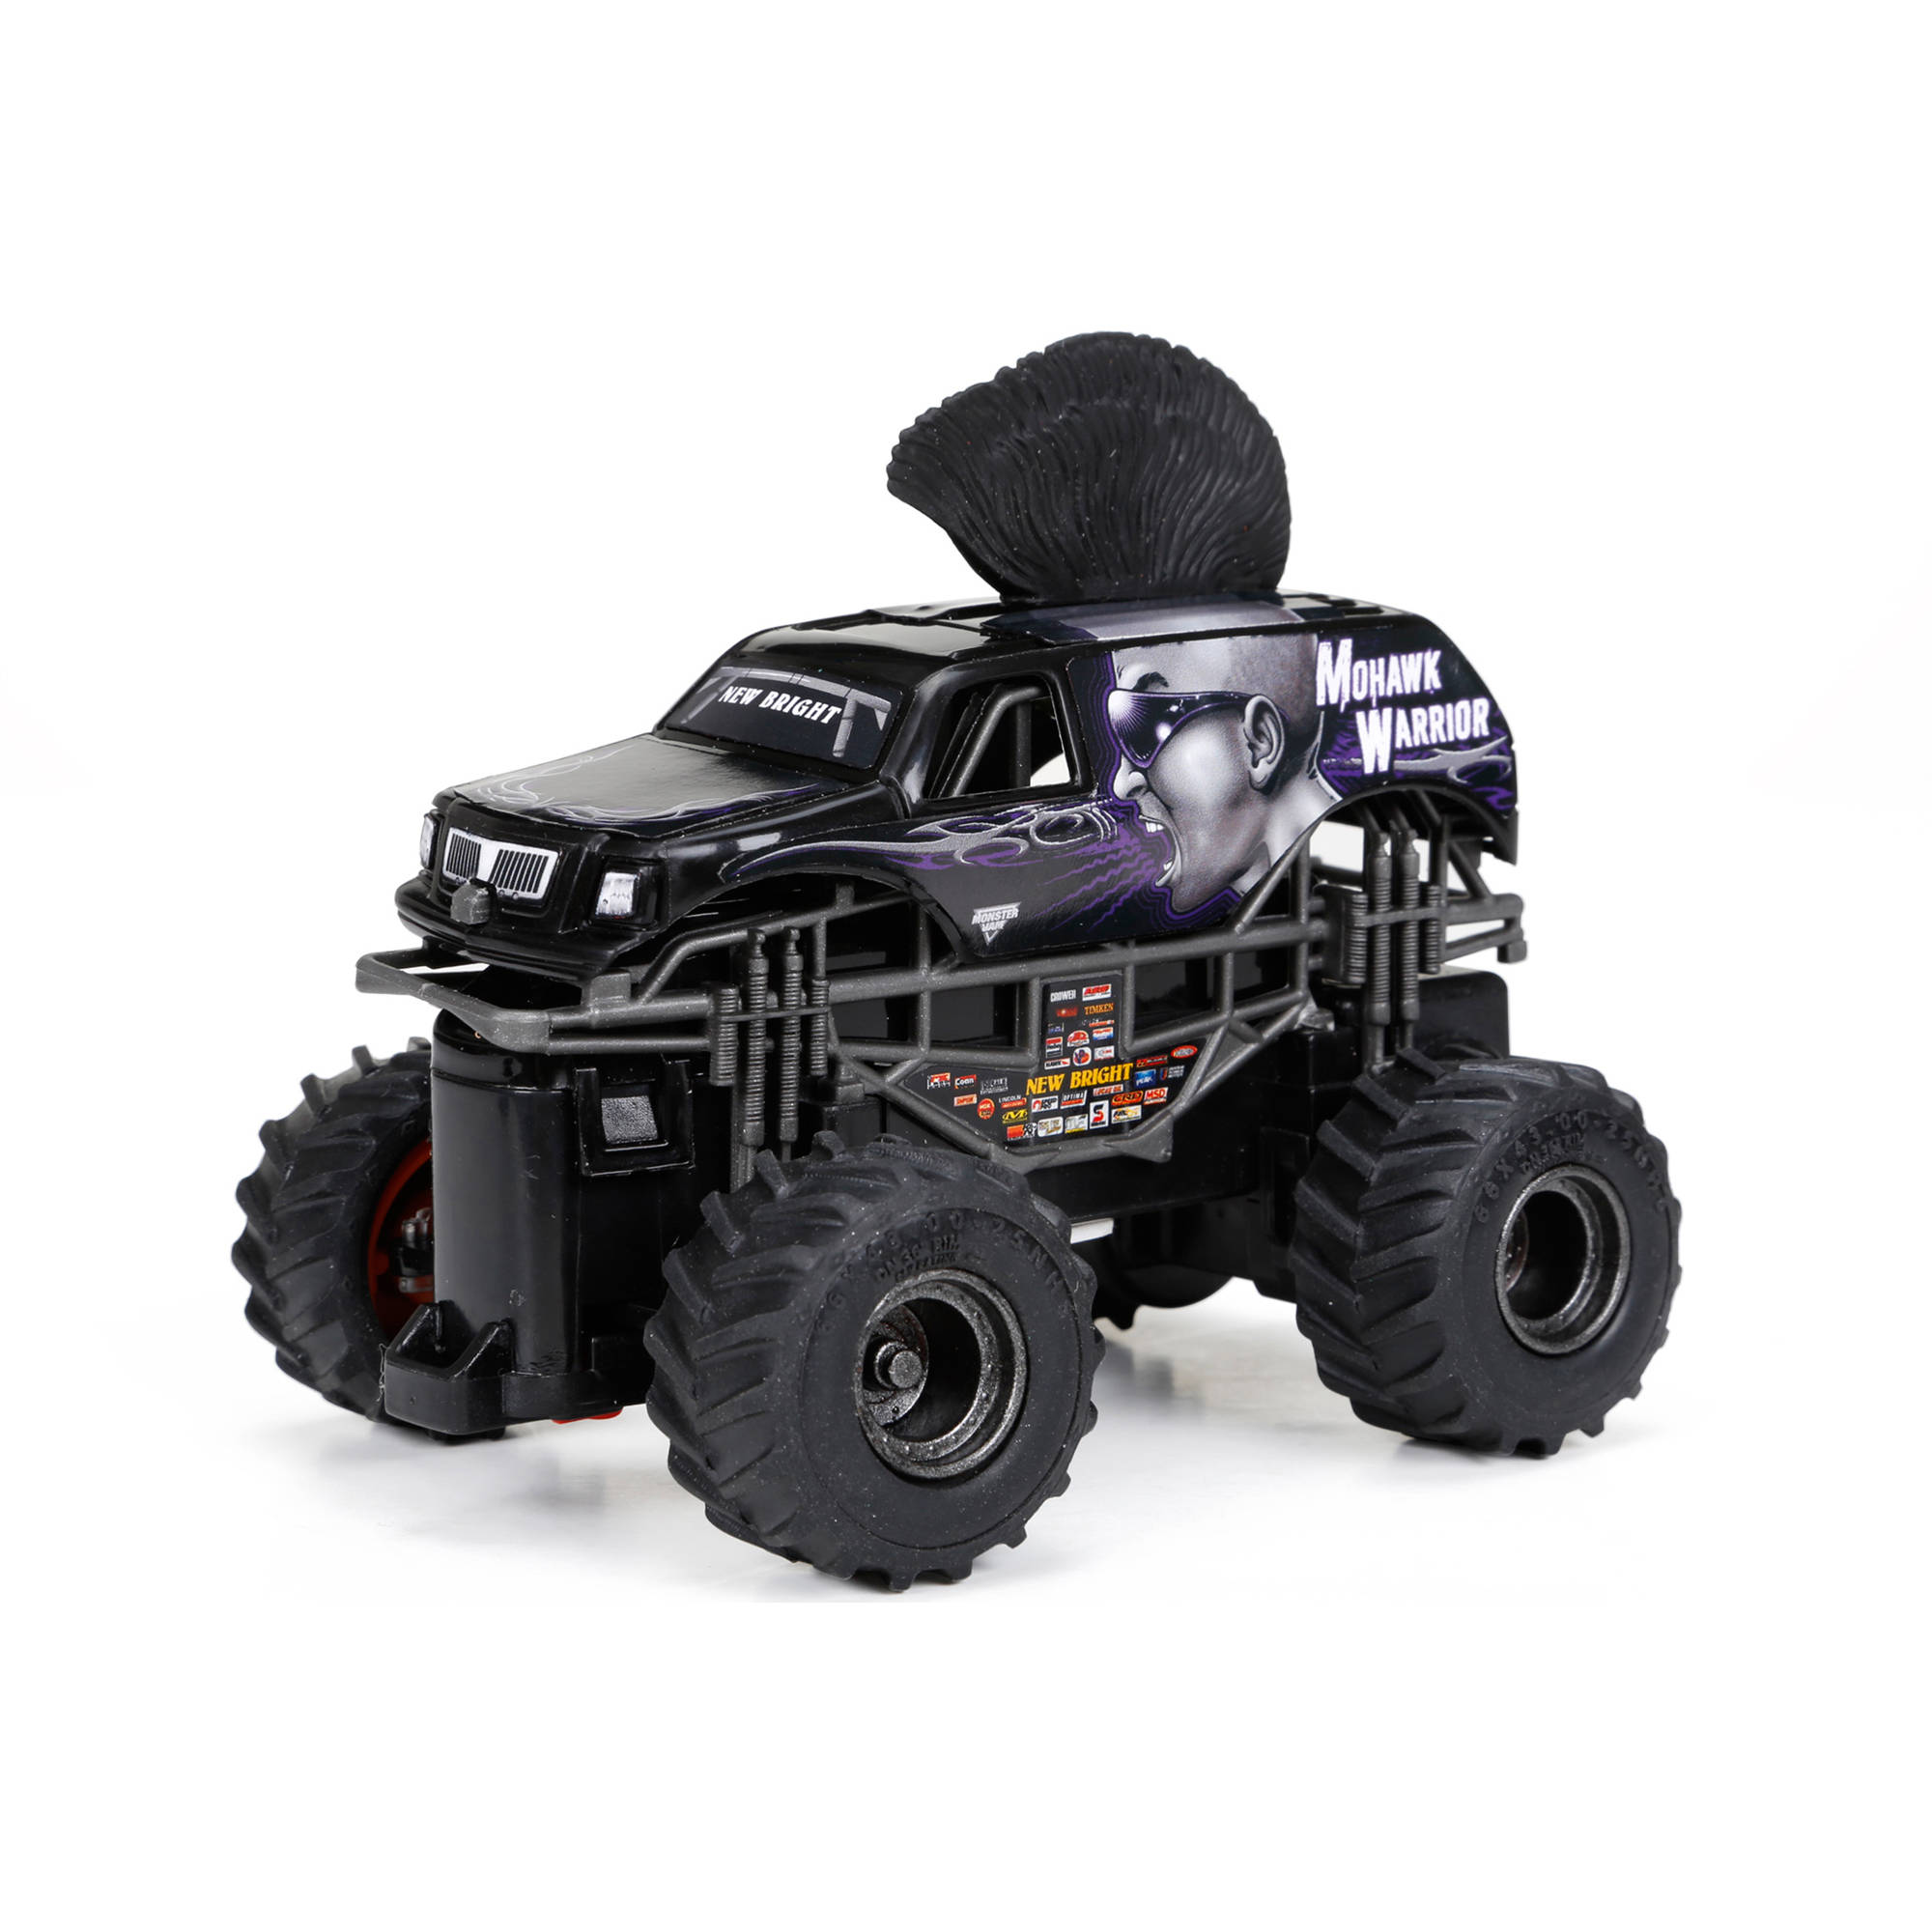 1:43 Full-Function Monster Jam Mini Mohawk Warrior R/C Car, Black